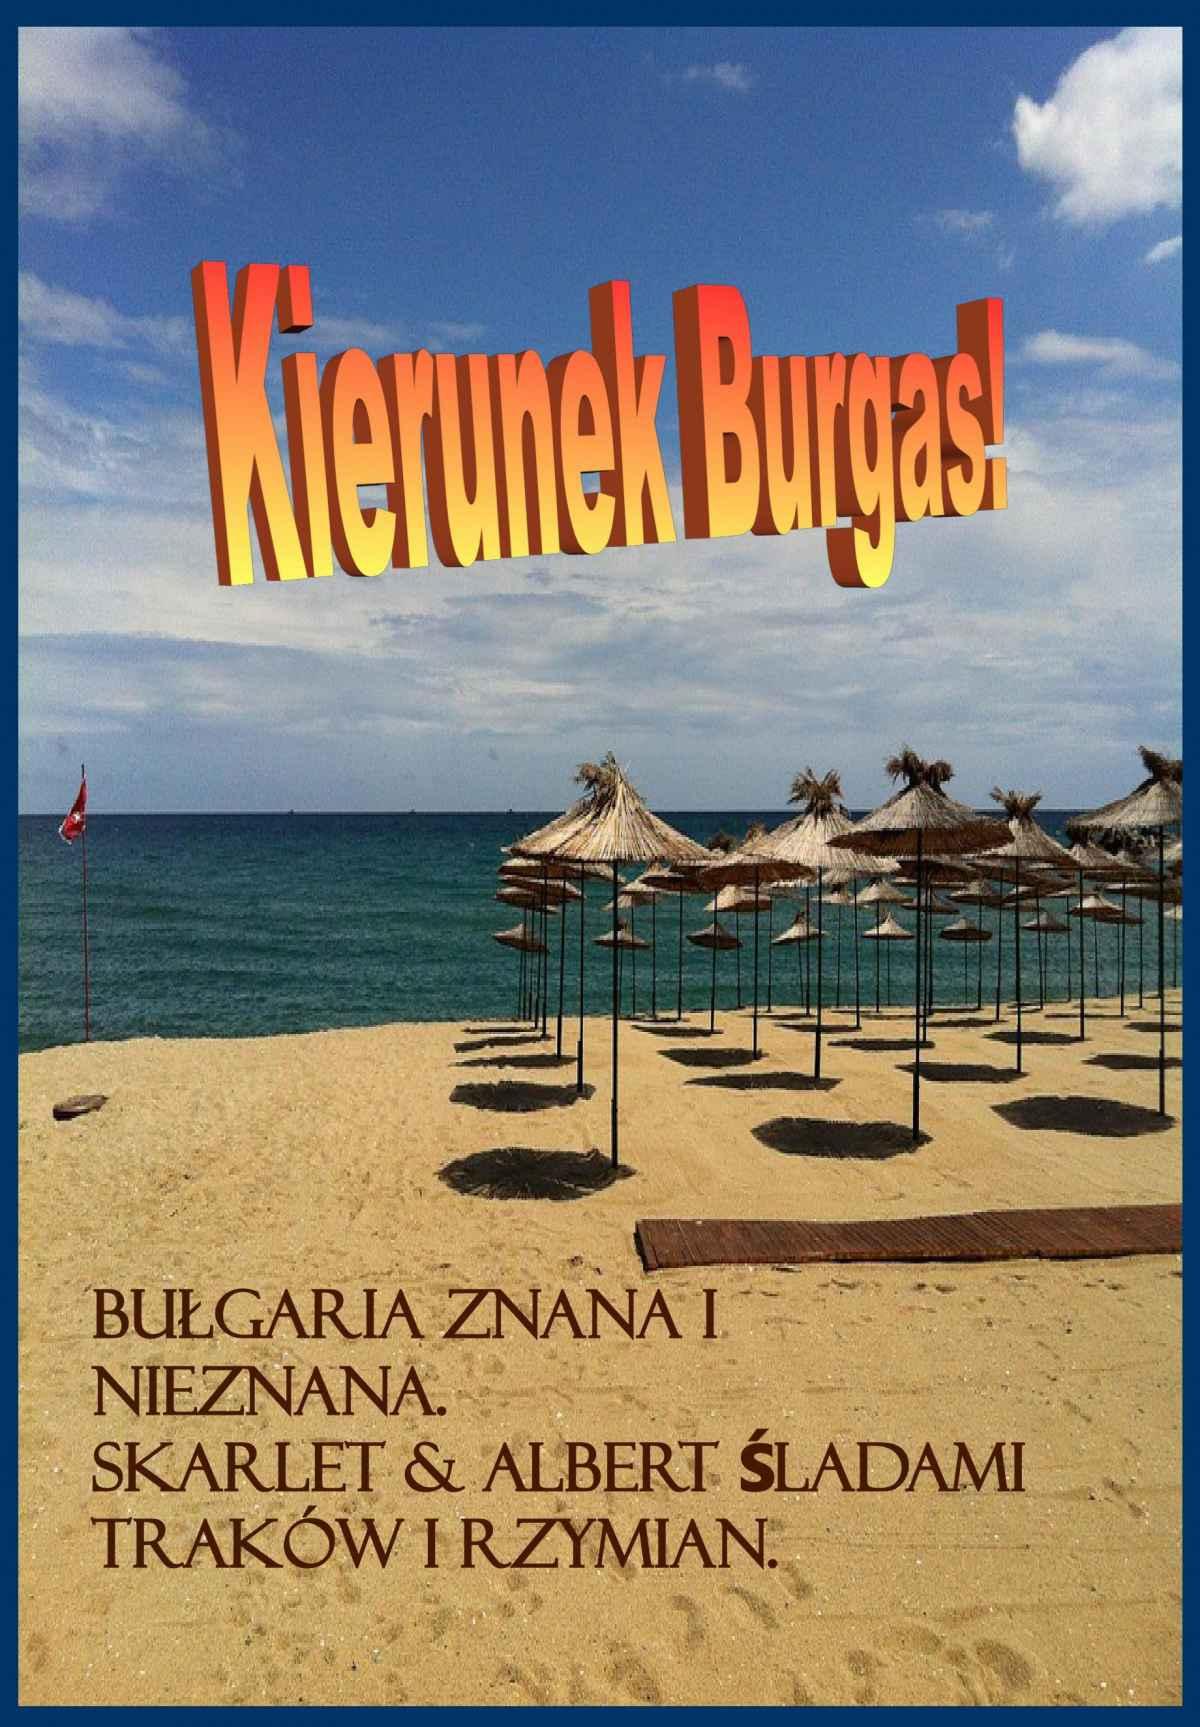 Bułgaria znana i nieznana. Kierunek Burgas! - Ebook (Książka PDF) do pobrania w formacie PDF